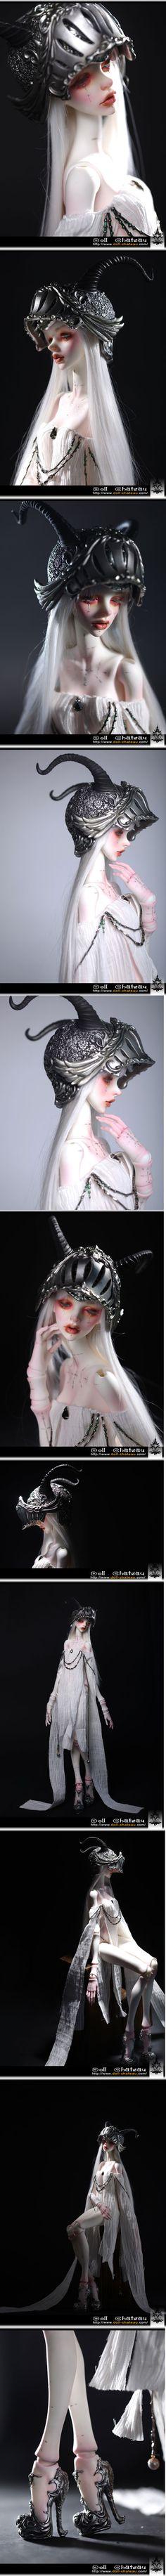 球体関節人形 Evangeline-A 女 66cm_人形70cm_DOLL Chateau_ドール本体_球体関節人形、BJD、ドール服、ドール衣装、人形通販、人形ウィッグ、Wig、着せ替え人形、ドール靴、ボディなどを販売するの総合人形通販店